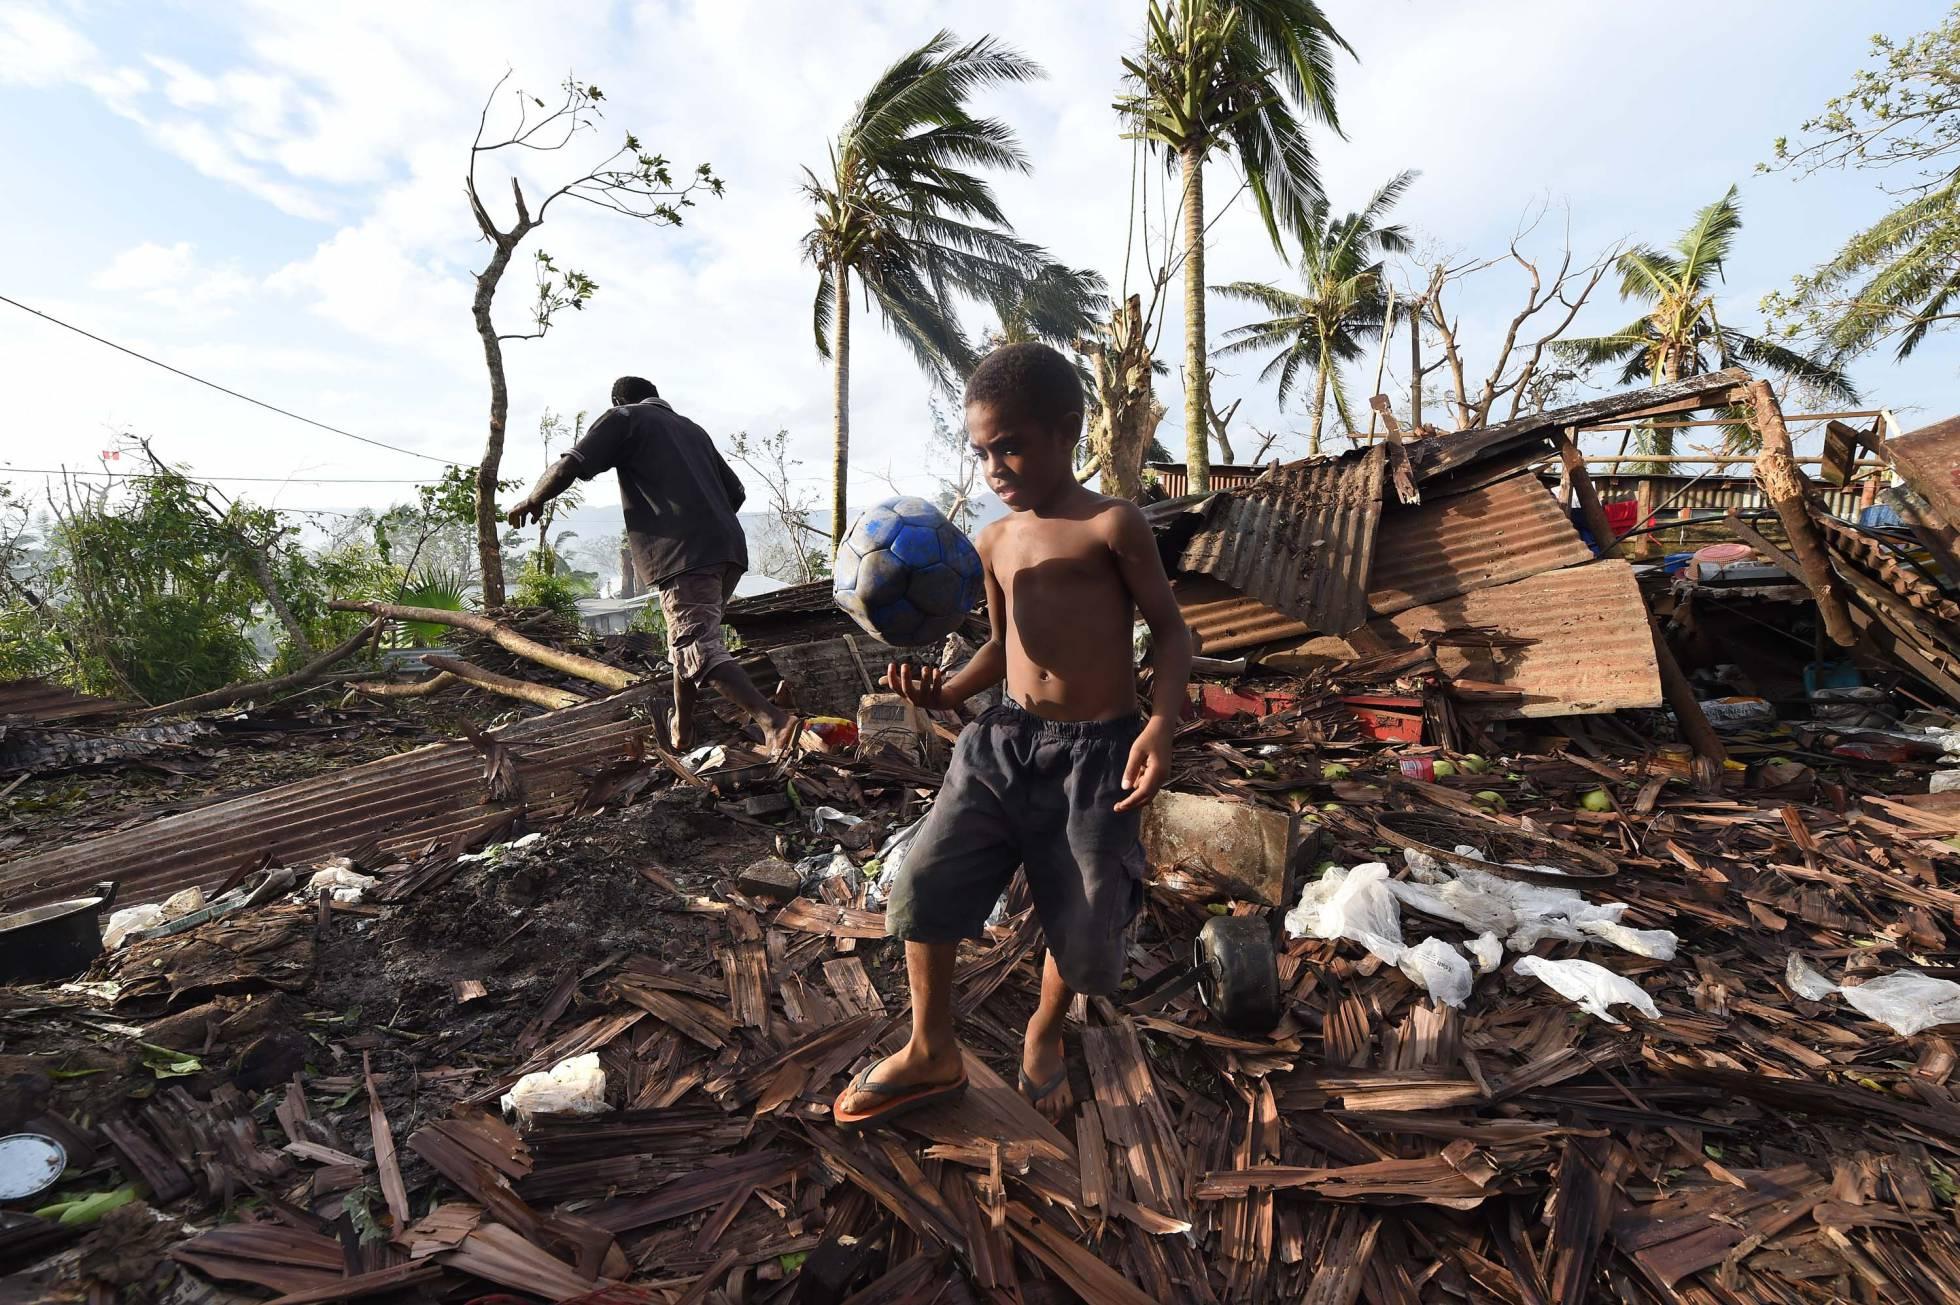 Un niño juega sobre las ruinas de su hogar tras el paso del ciclón Pam, en Vanuatu